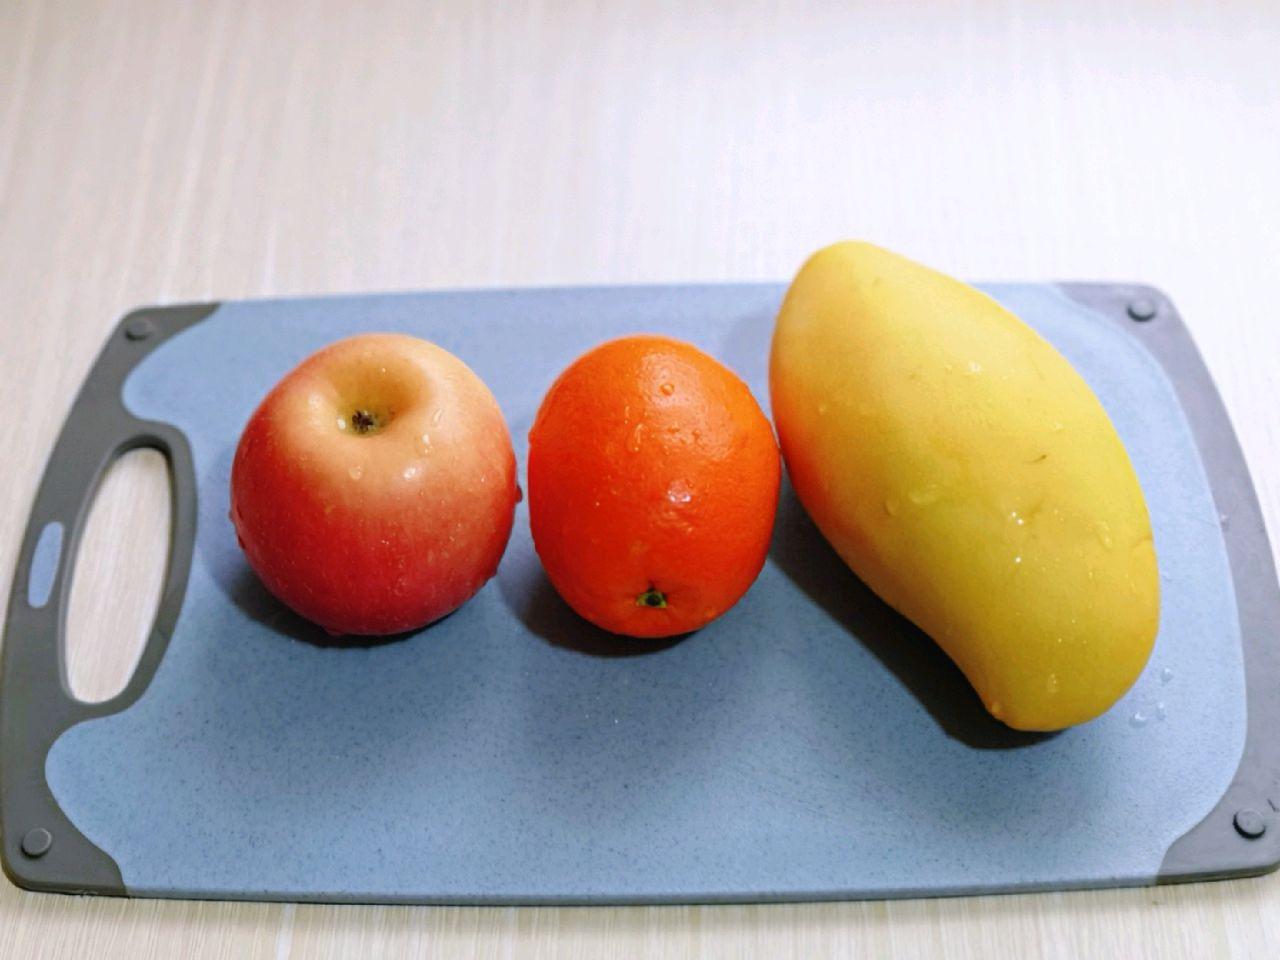 首先将水果清洗干净,水果种类可以根据自己